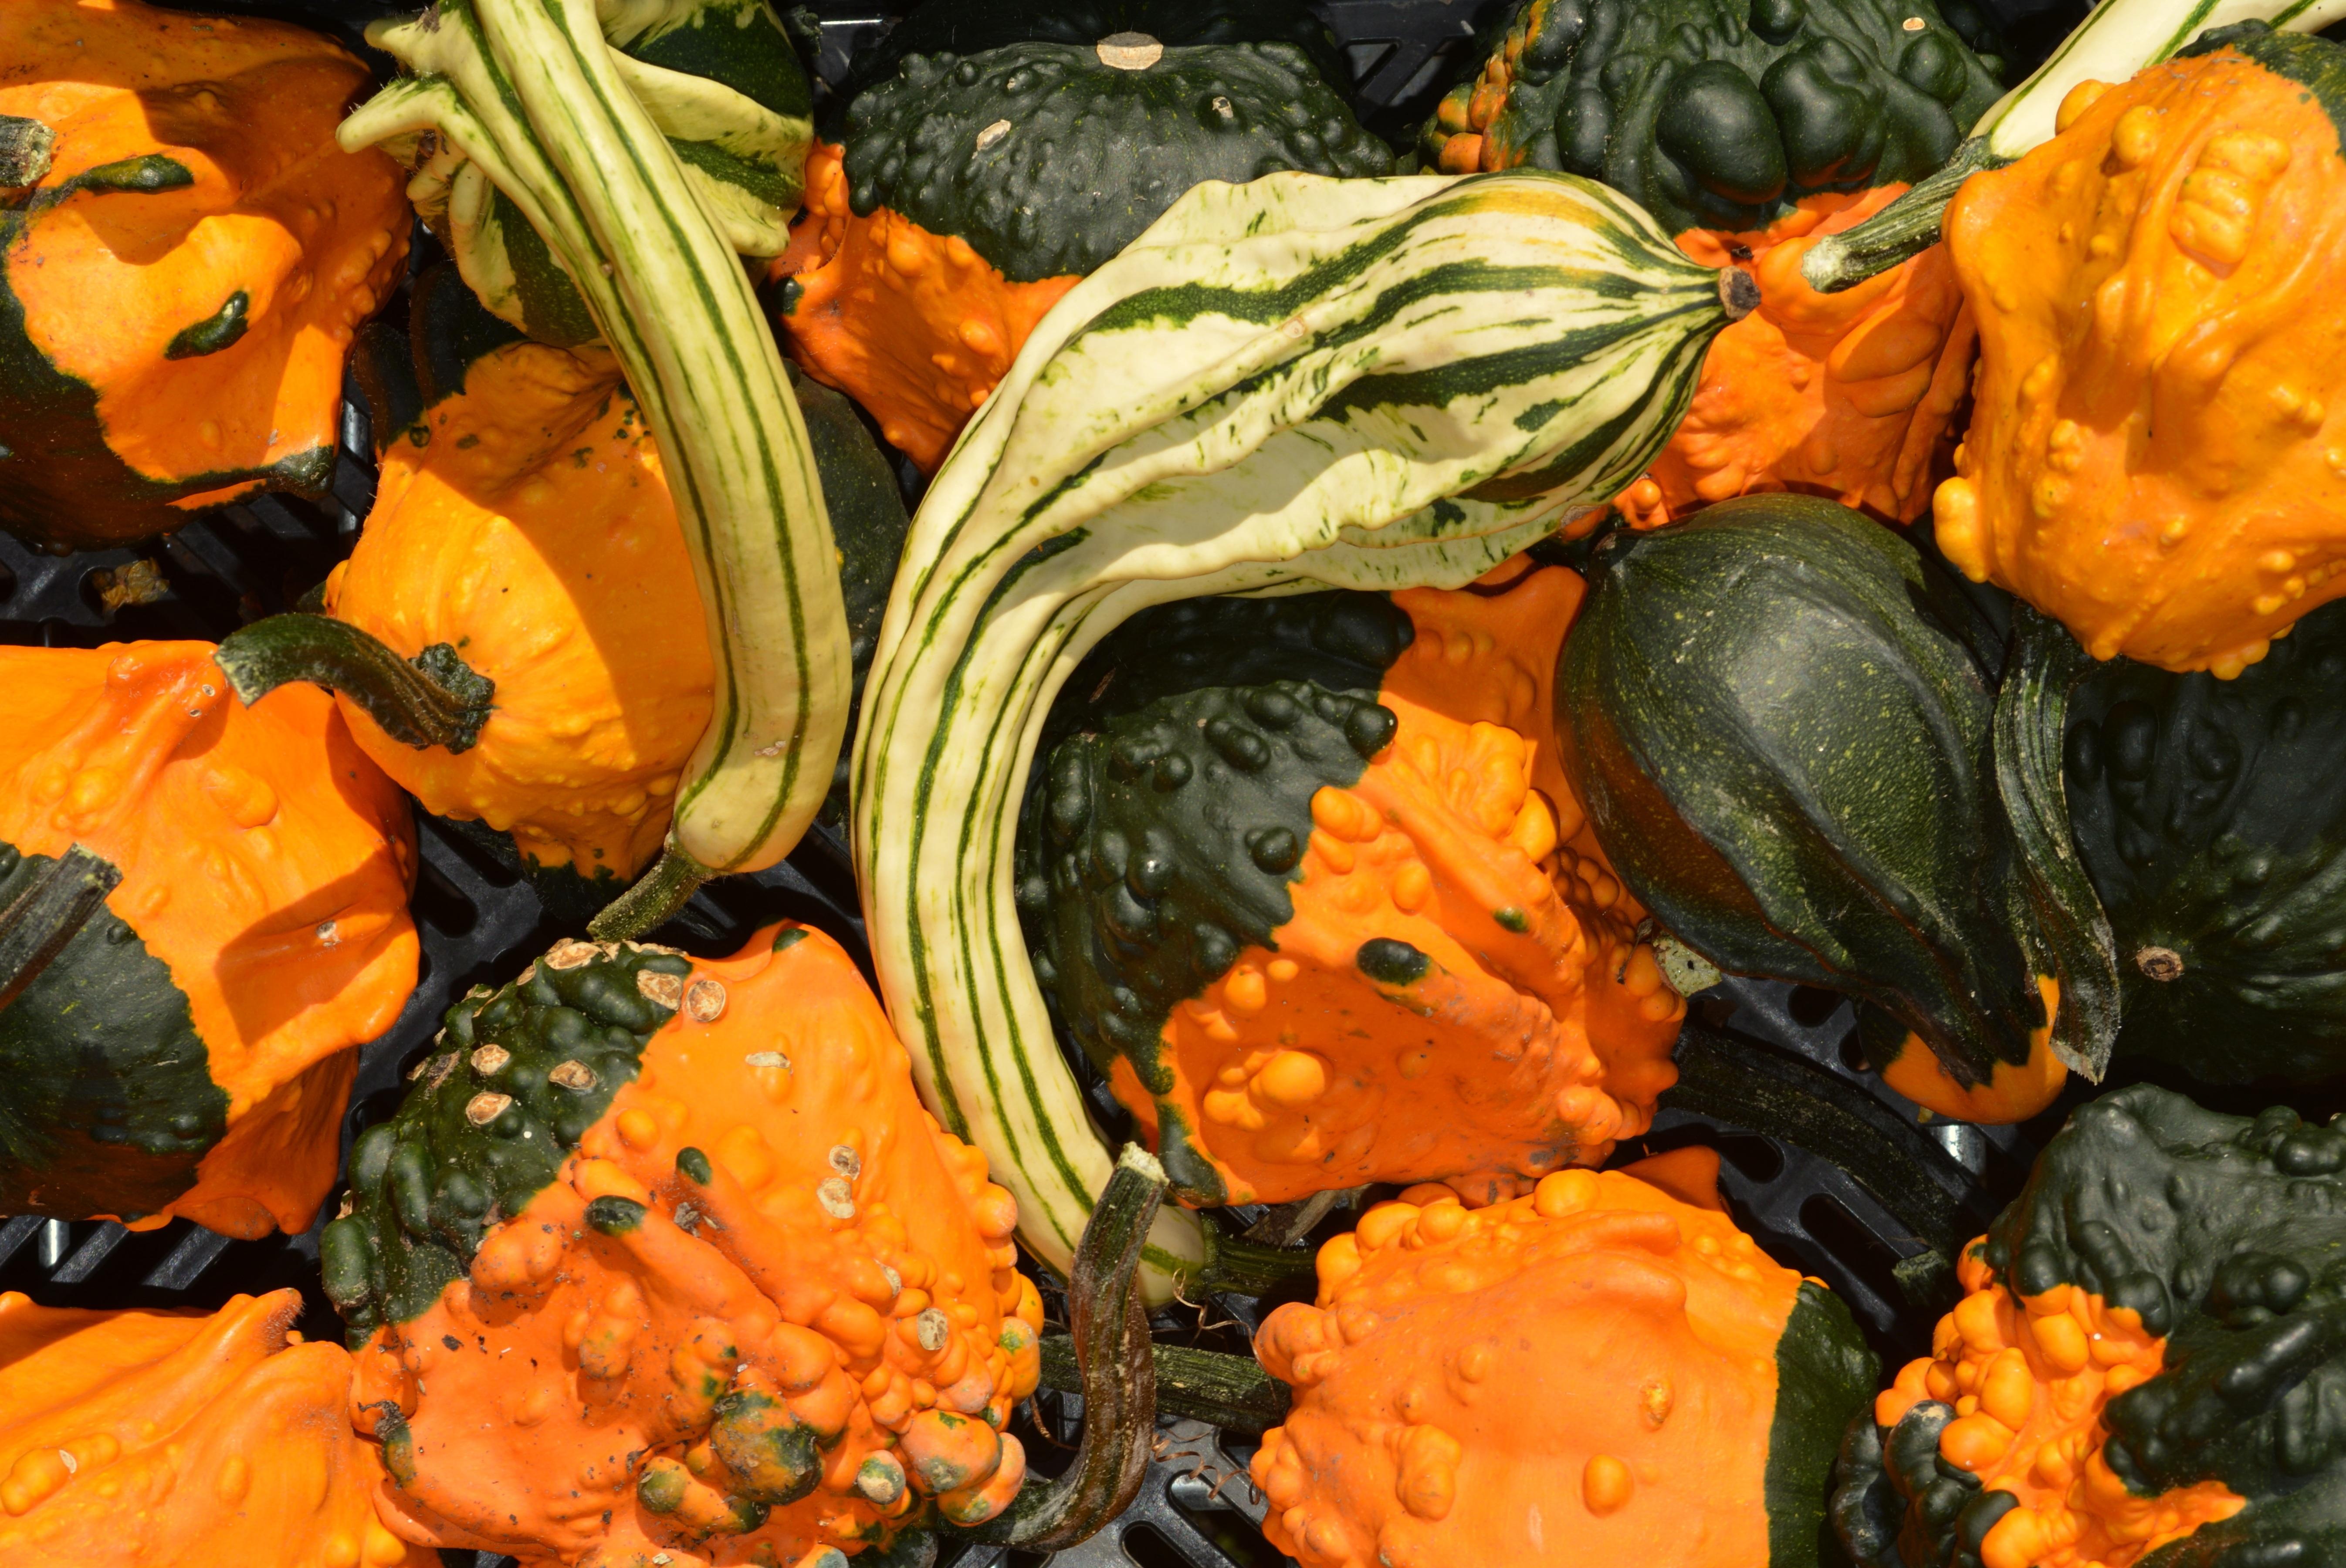 images gratuites fleur d coration orange aliments produire l gume l 39 automne citrouille. Black Bedroom Furniture Sets. Home Design Ideas